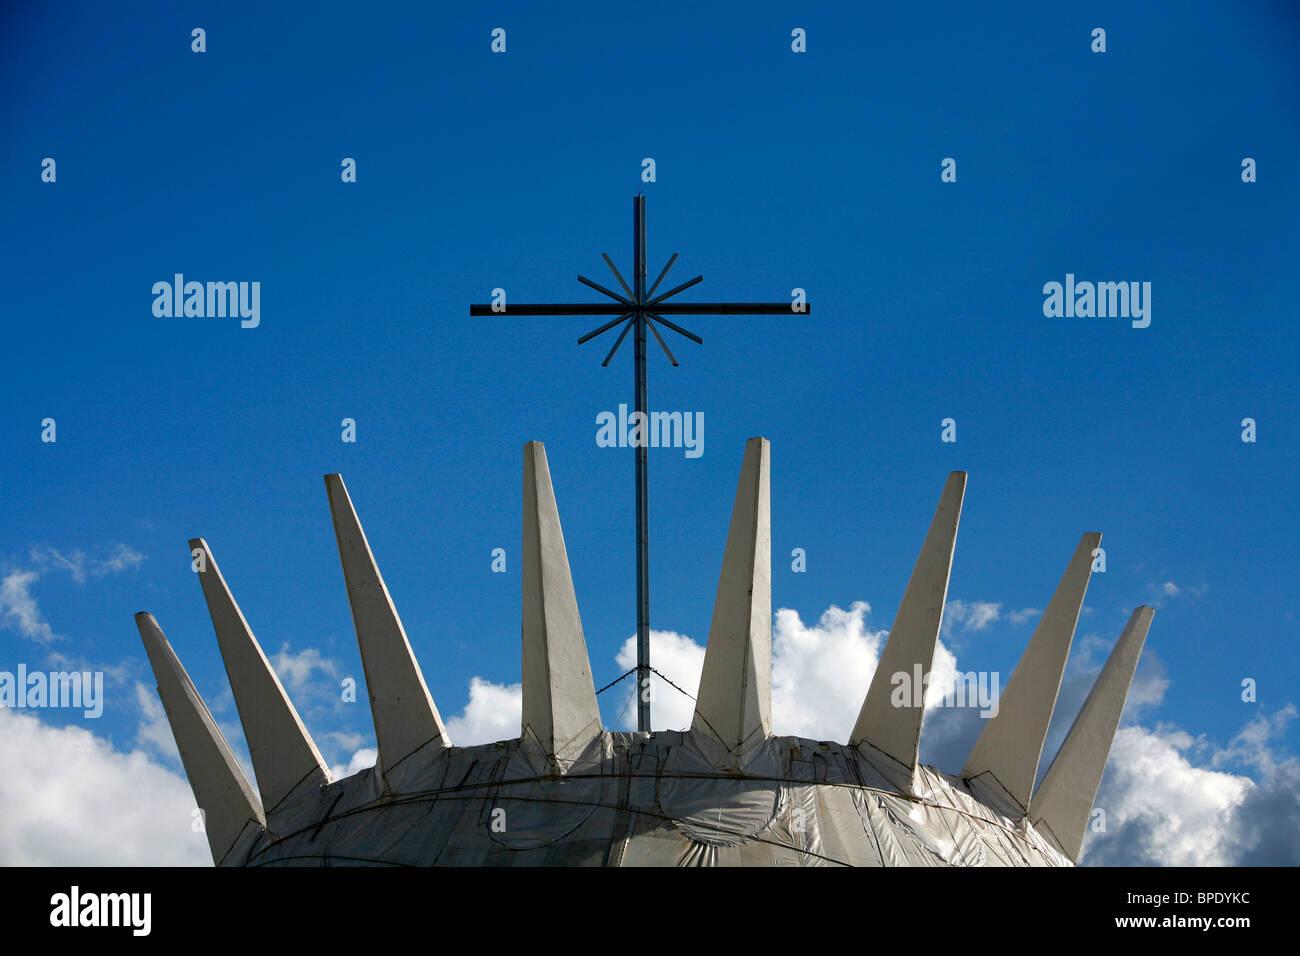 Catedral metropolitana, Brasilia, Brazil. - Stock Image